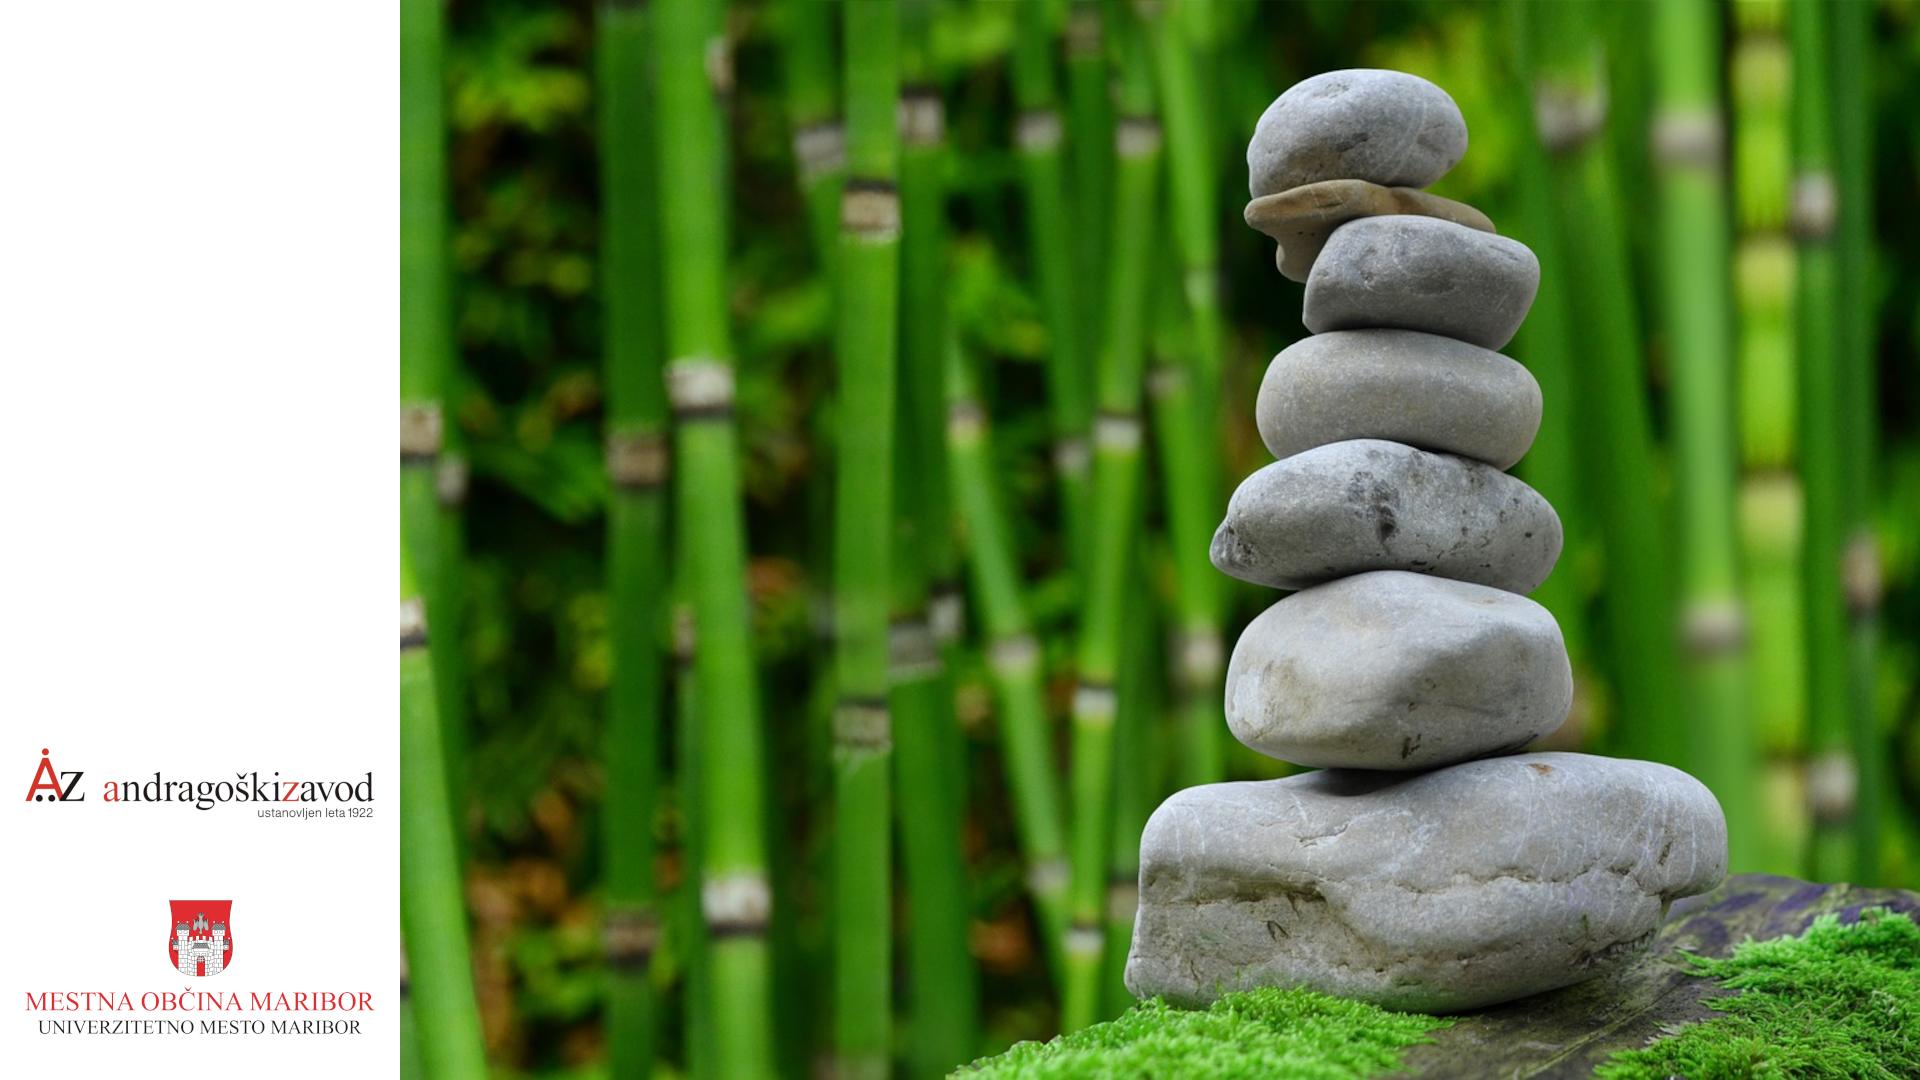 Študijski krožek Izboljšanje komunikacije in odnosov ter obvladovanje stresa